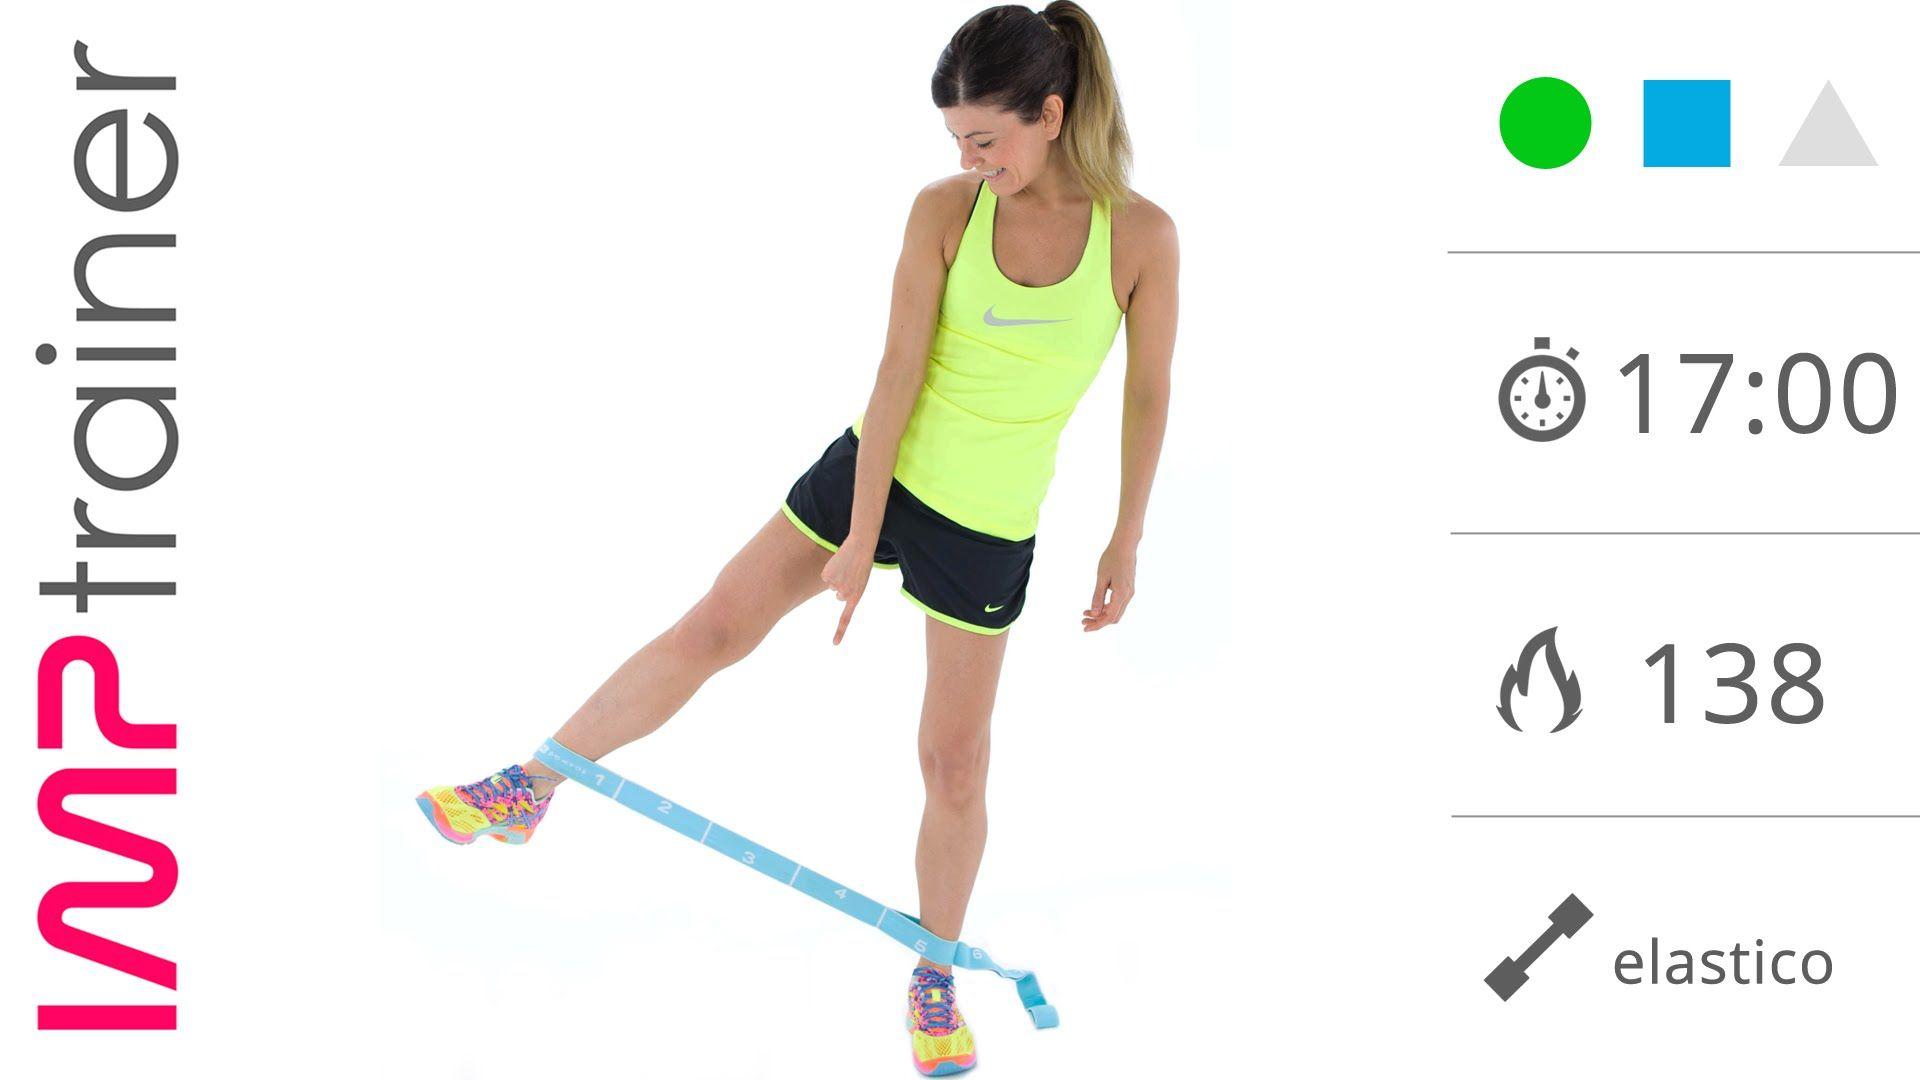 Esercizi interno coscia con l elastico in piedi e a terra for 5 esercizi per interno coscia